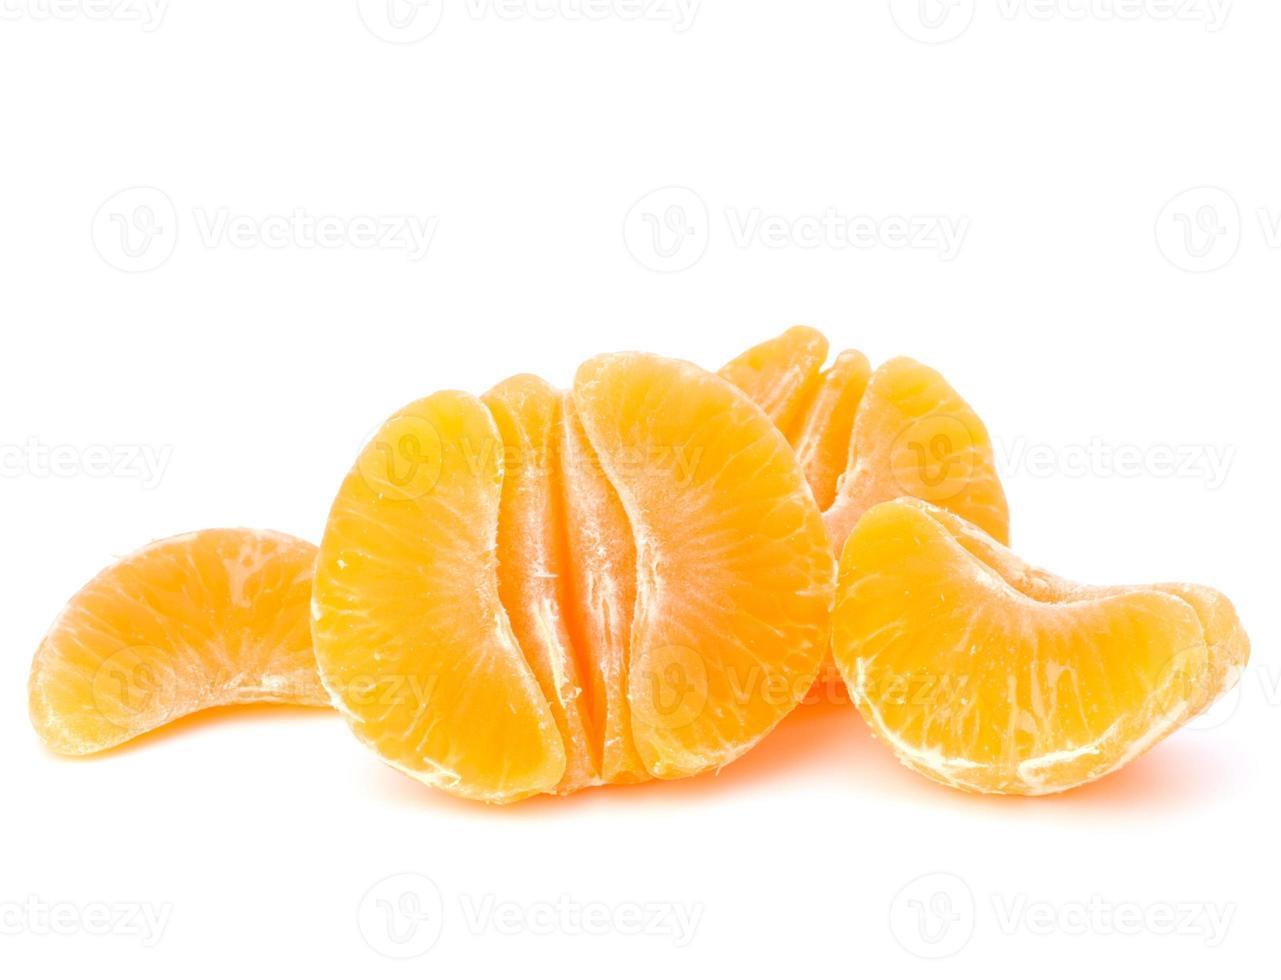 orange mandarin eller mandarinfrukt foto